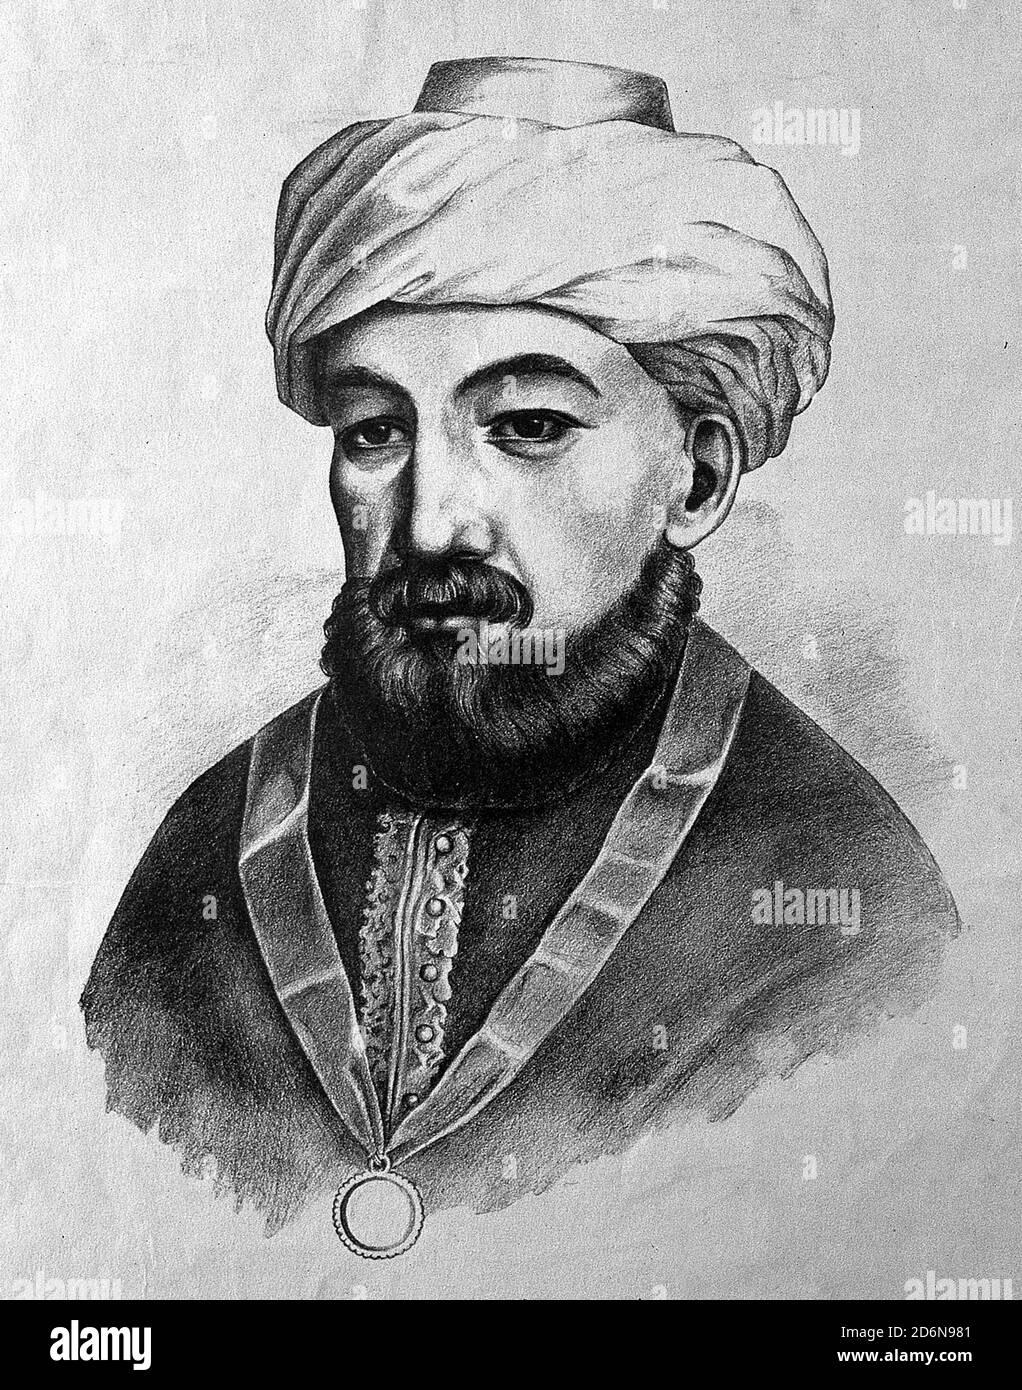 Moïse ben Maimon, connu sous le nom de Maimonides, philosophe juif sépharade médiéval qui devint l'un des érudits Torah les plus prolifiques et influents du Moyen-âge. Banque D'Images